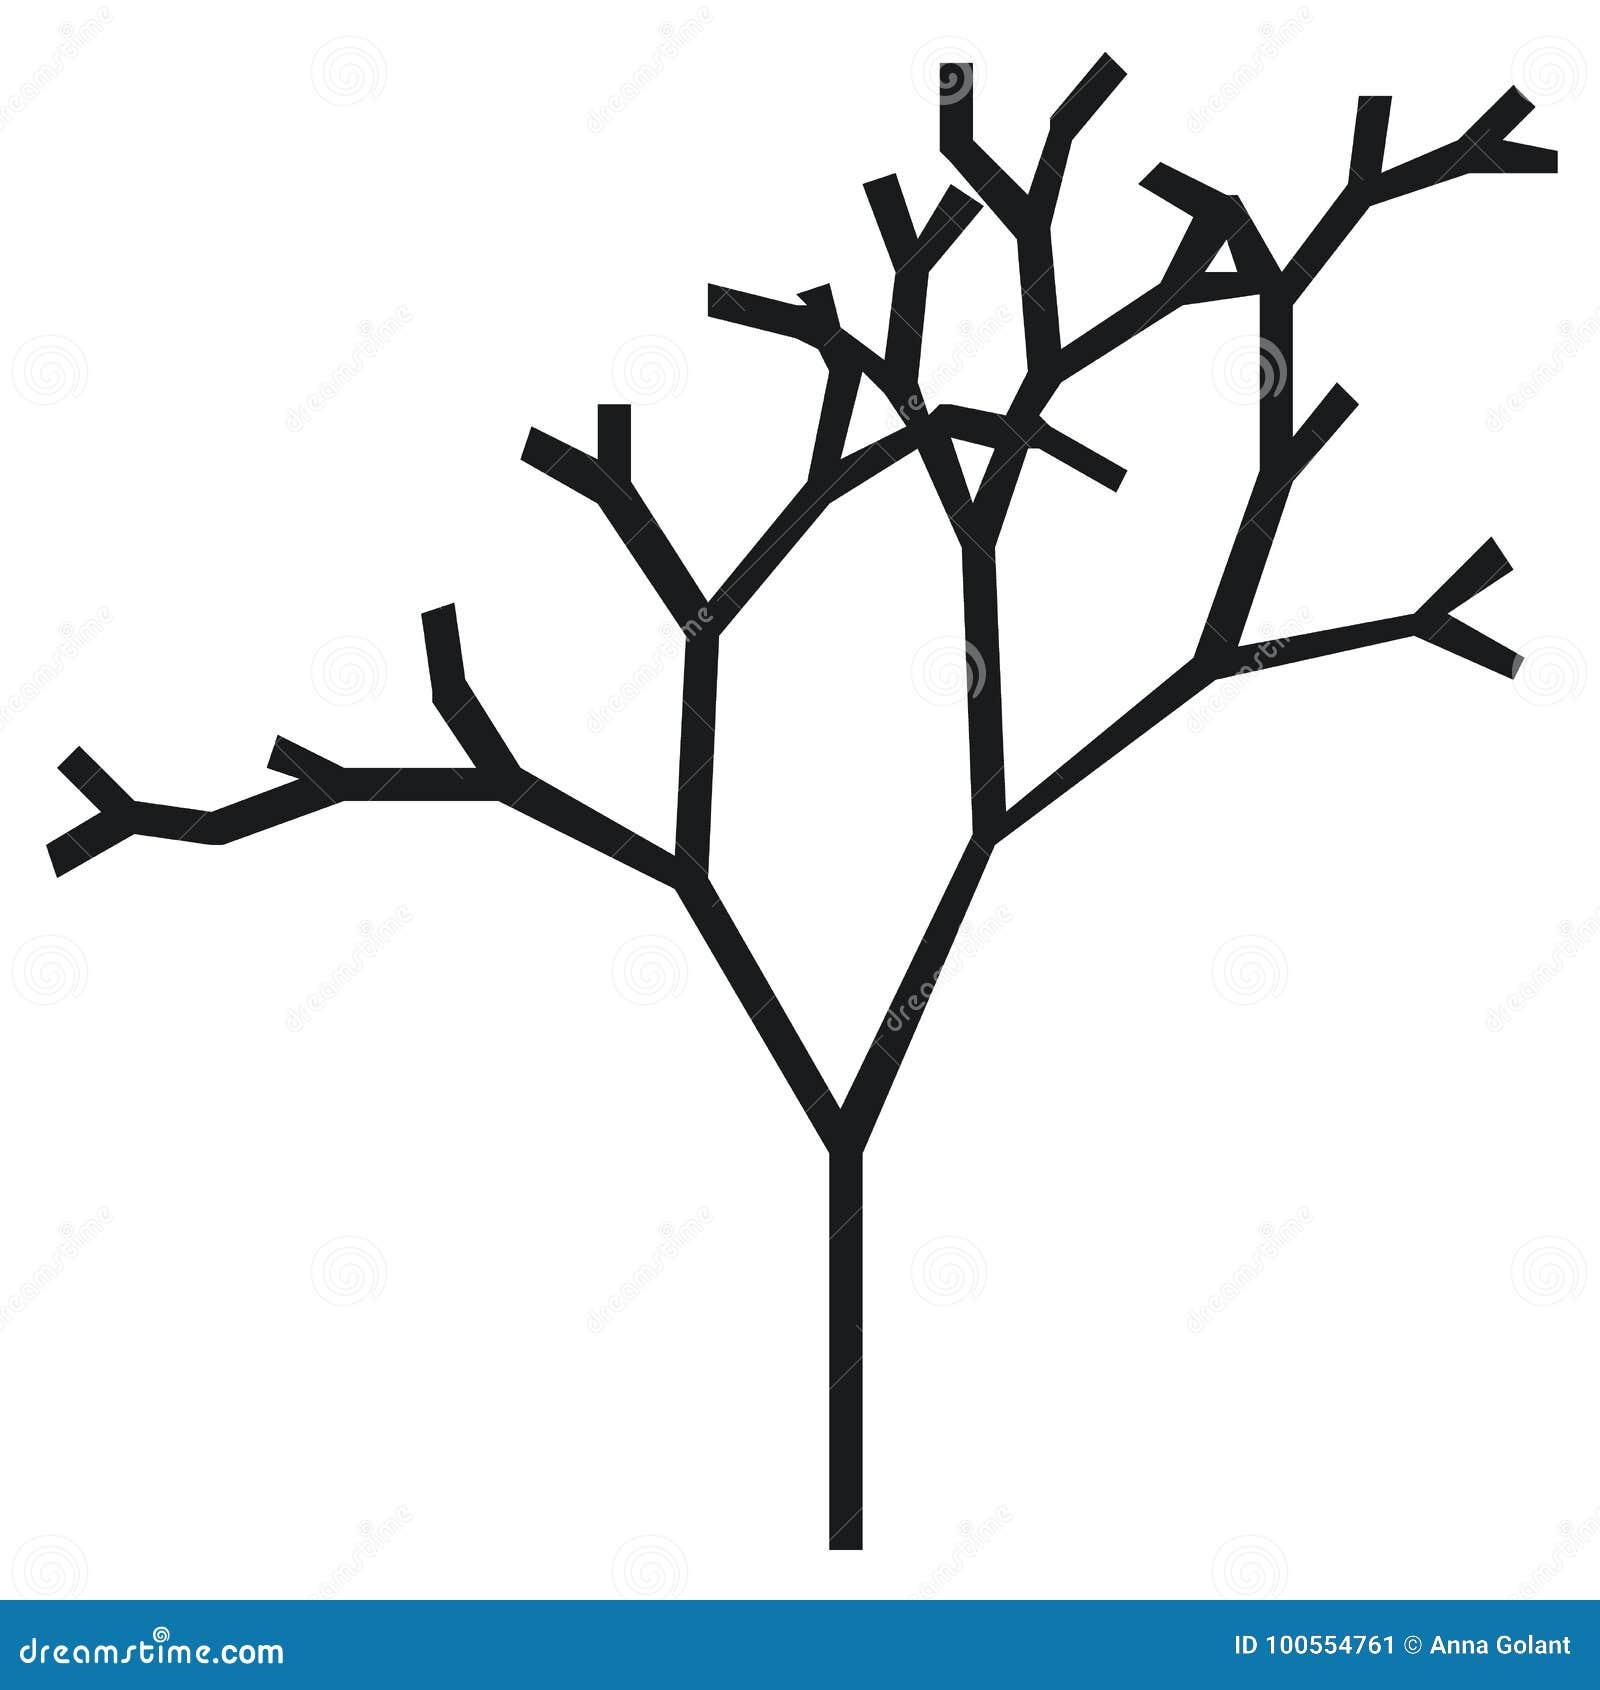 La Silhouette D Un Arbre Avec Un Tronc Et Des Branches Sans Feuilles Icone Noire Et Blanche De Vecteur Illustration De Vecteur Illustration Du Icone Arbre 100554761